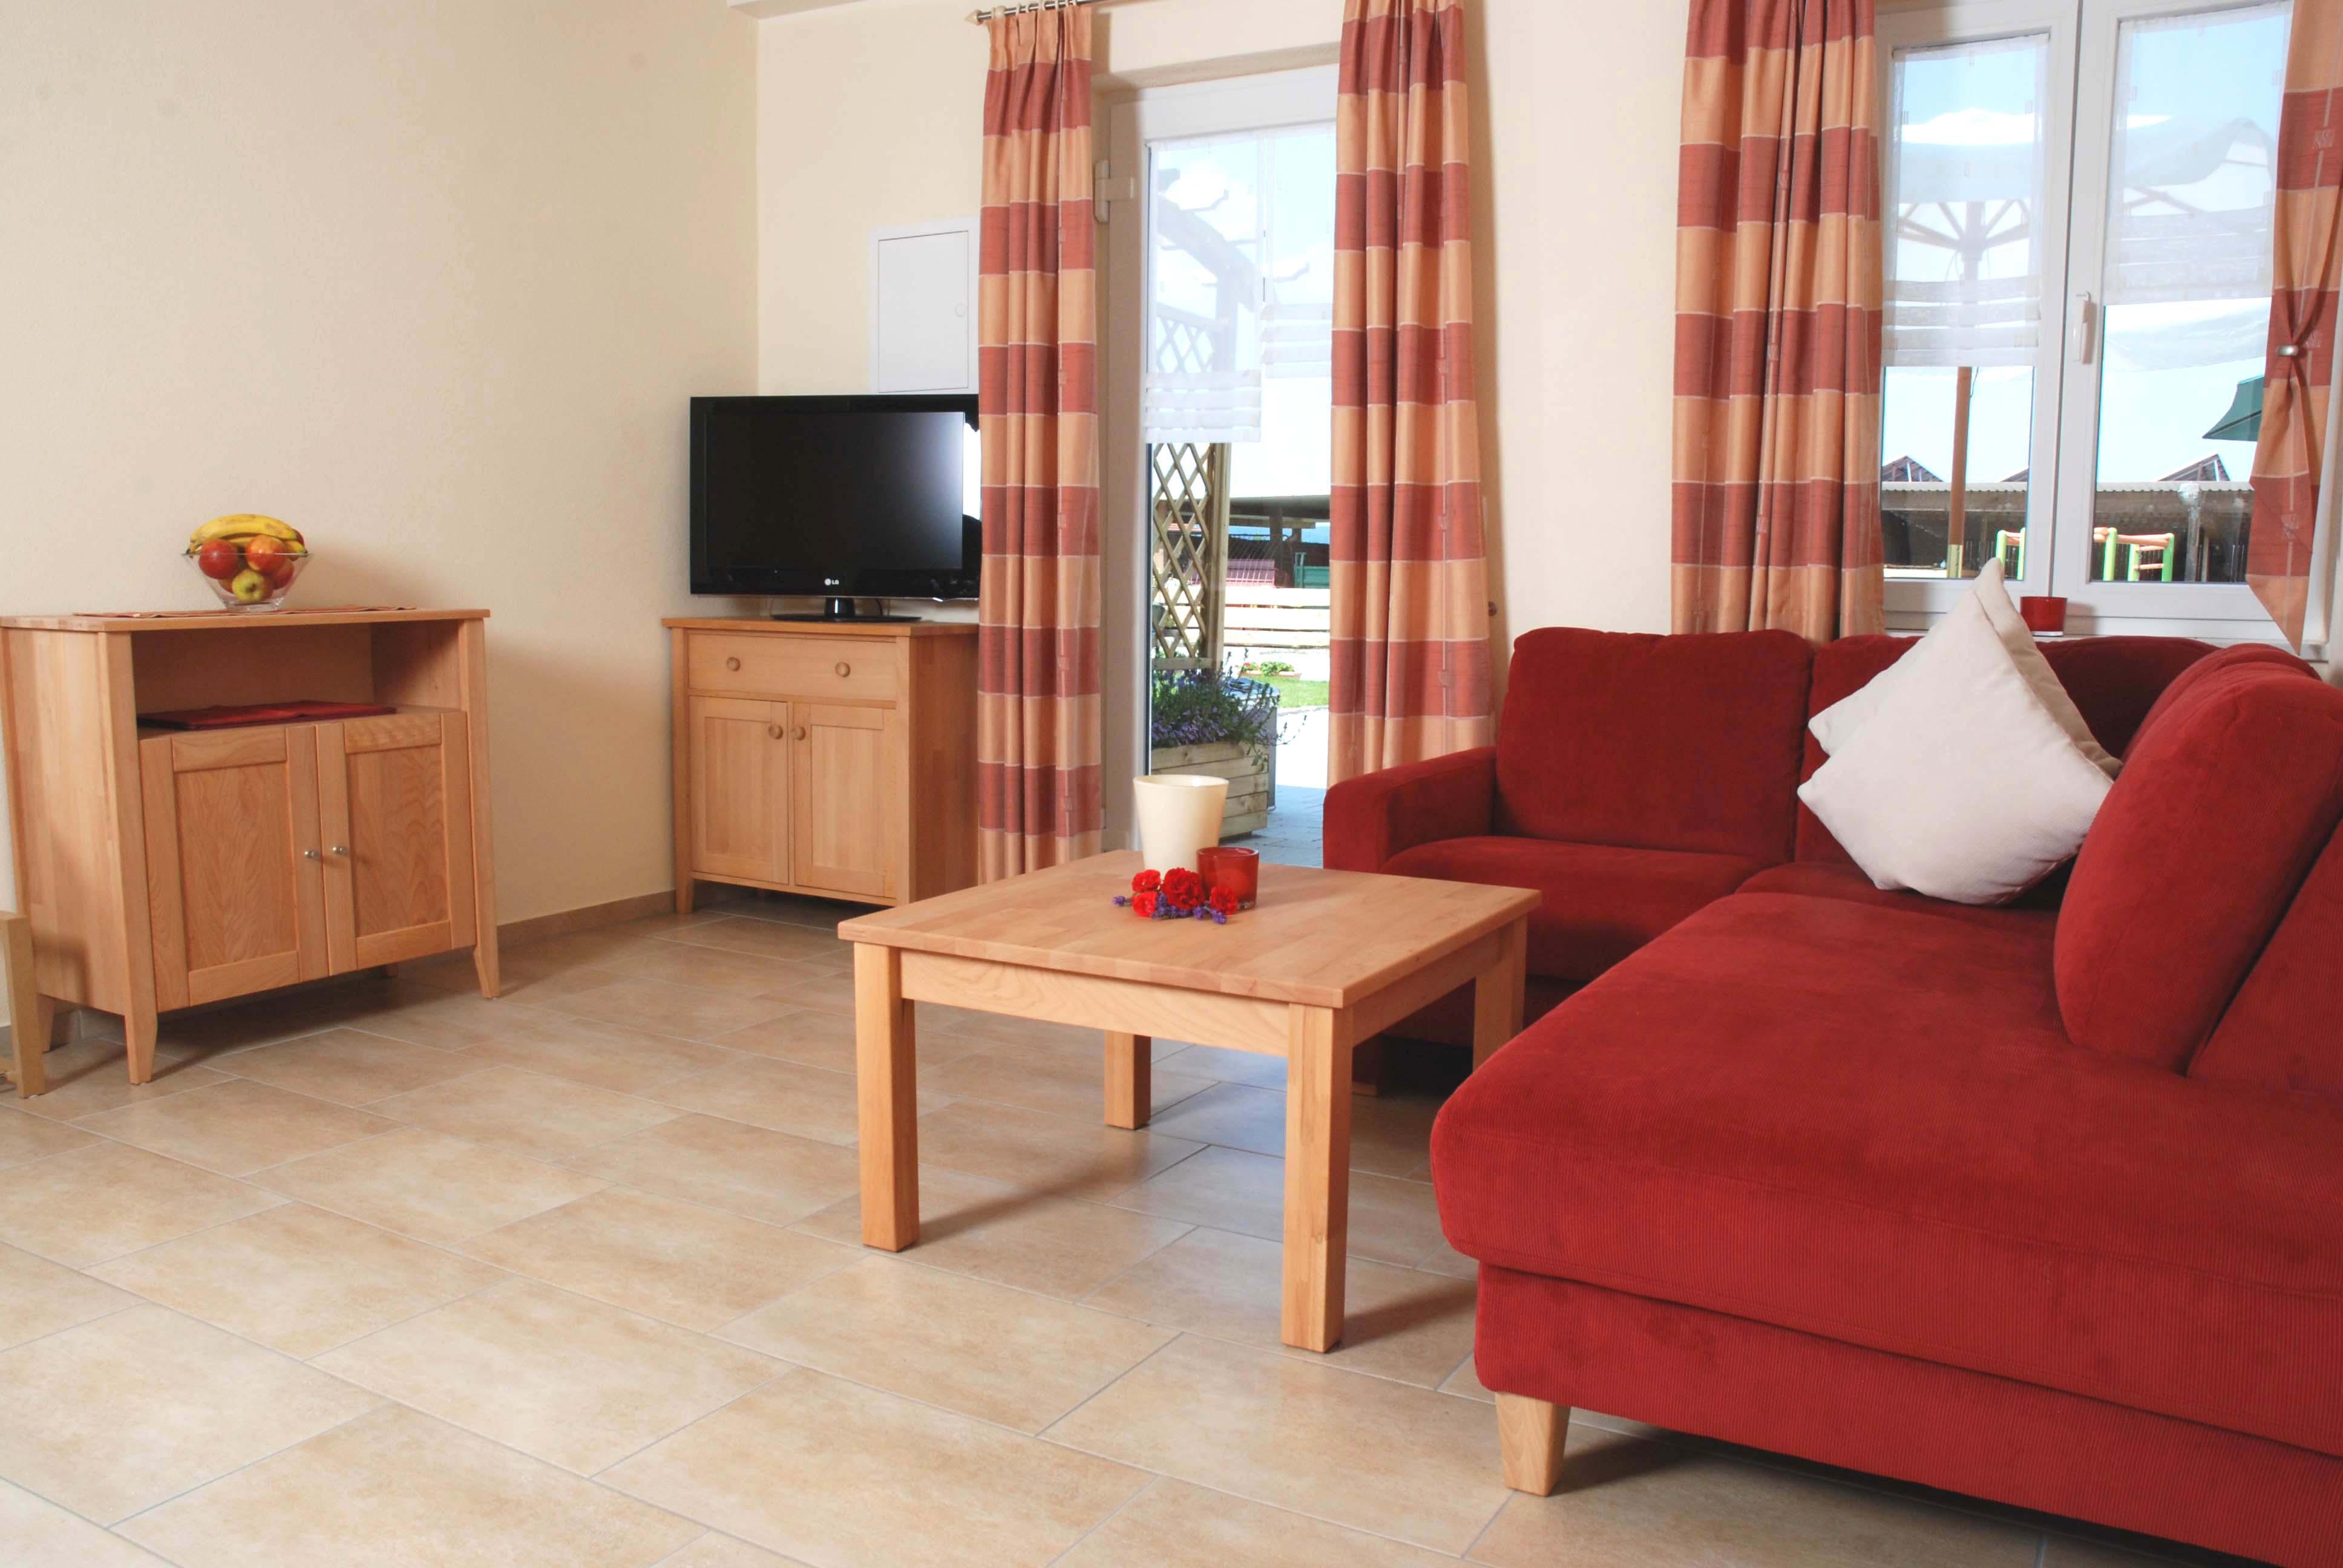 ausstattung landurlaub im romantischen franken ferienbauernhof herrmann. Black Bedroom Furniture Sets. Home Design Ideas